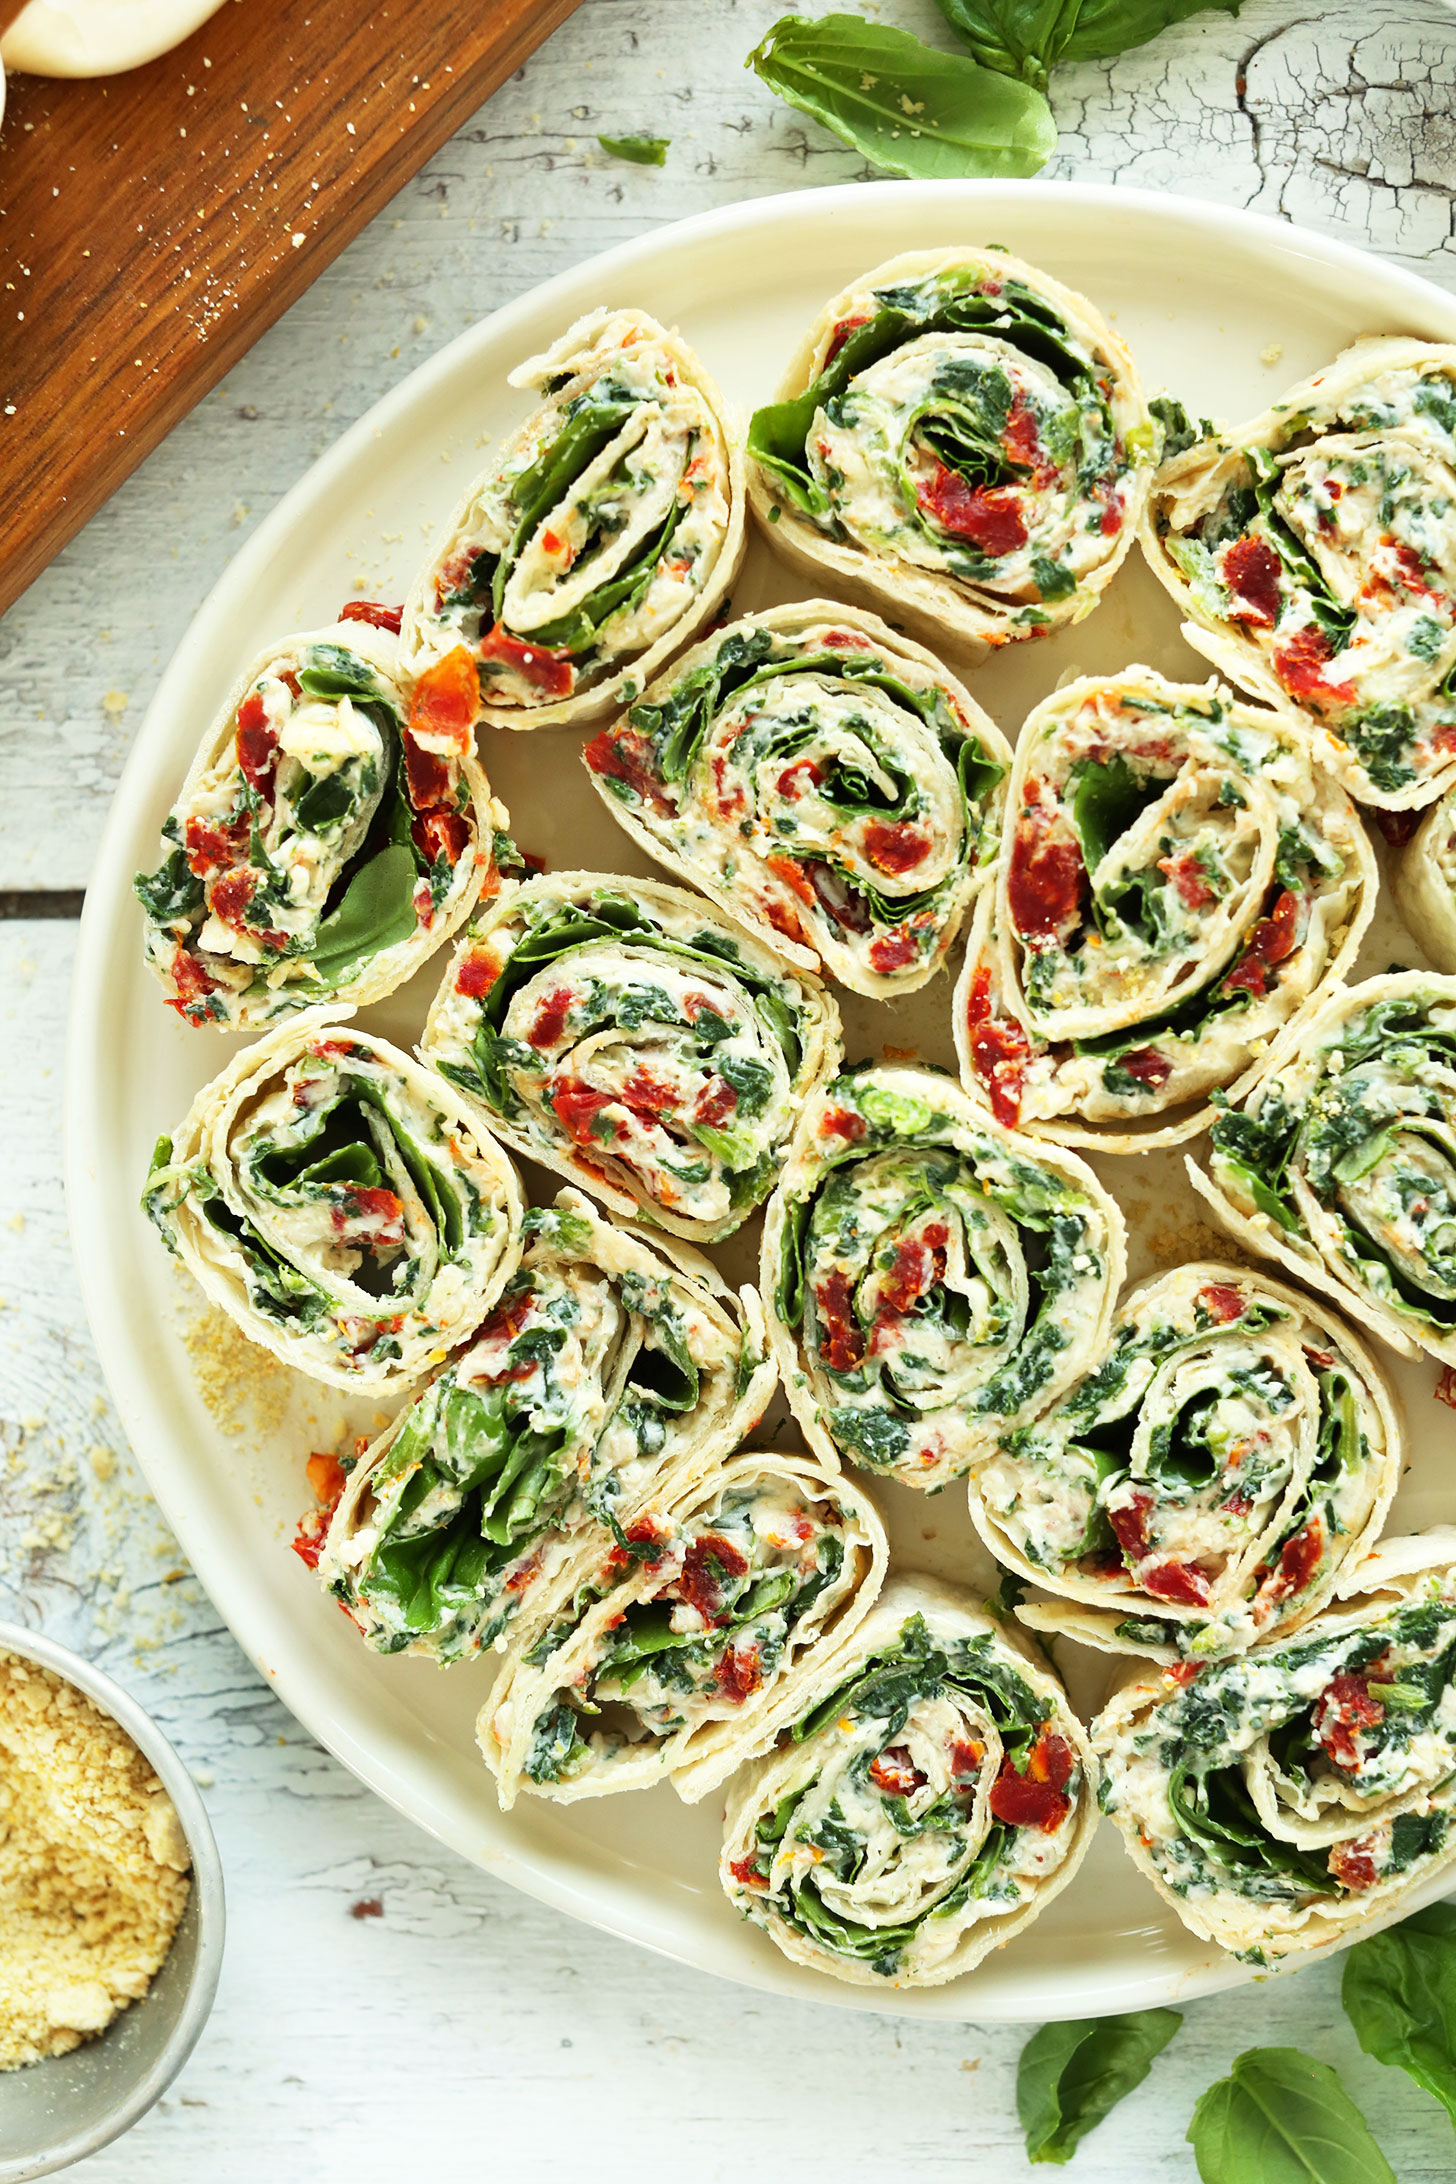 8 ингредиентов 15-минутные вяленые на солнце помидоры и вертушки базилика - легкая толпа, приятная летняя закуска или закуска по веганскому рецепту закуска